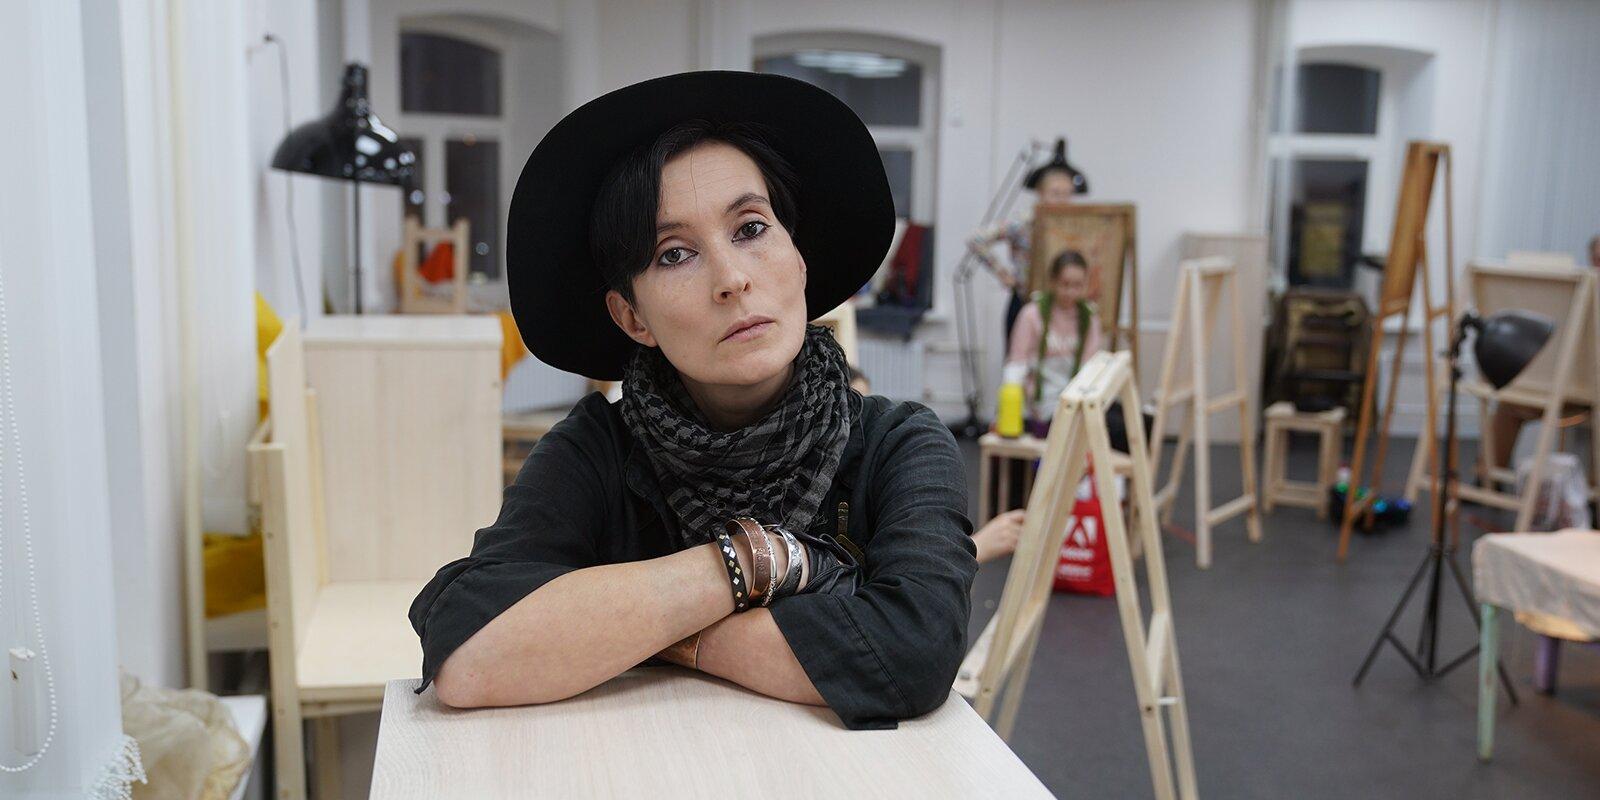 Снова у мольберта: как художественная школа имени В.А. Ватагина возвращается к очному обучению